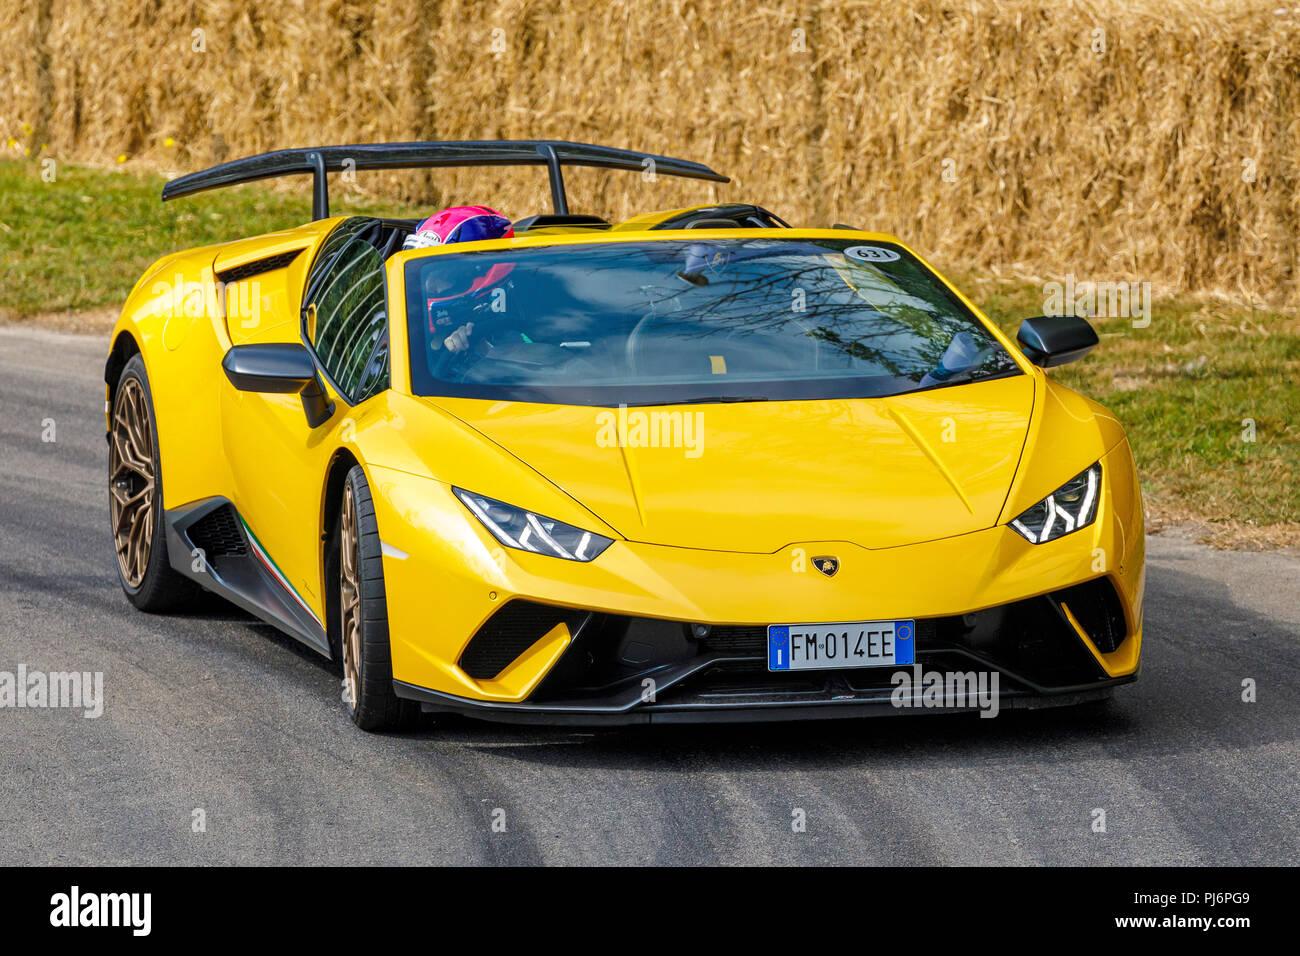 Lamborghini Huracan Yellow Stock Photos Lamborghini Huracan Yellow